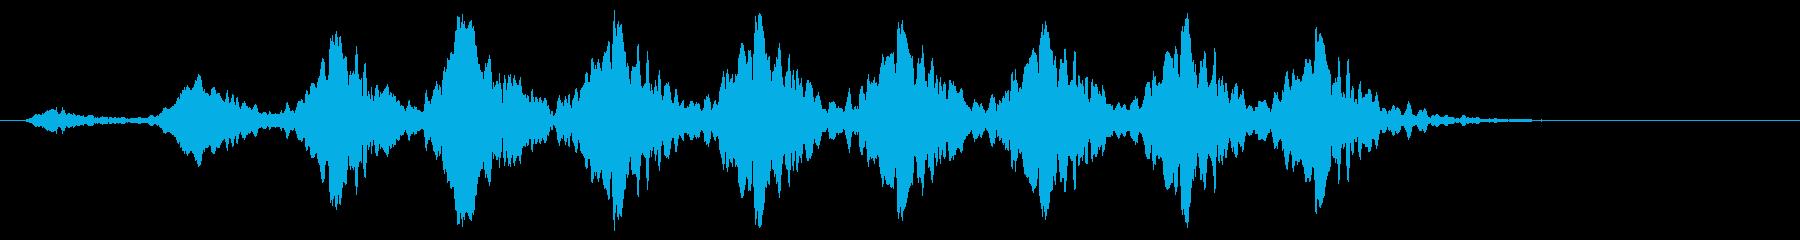 こおろぎの鳴き声_その2の再生済みの波形